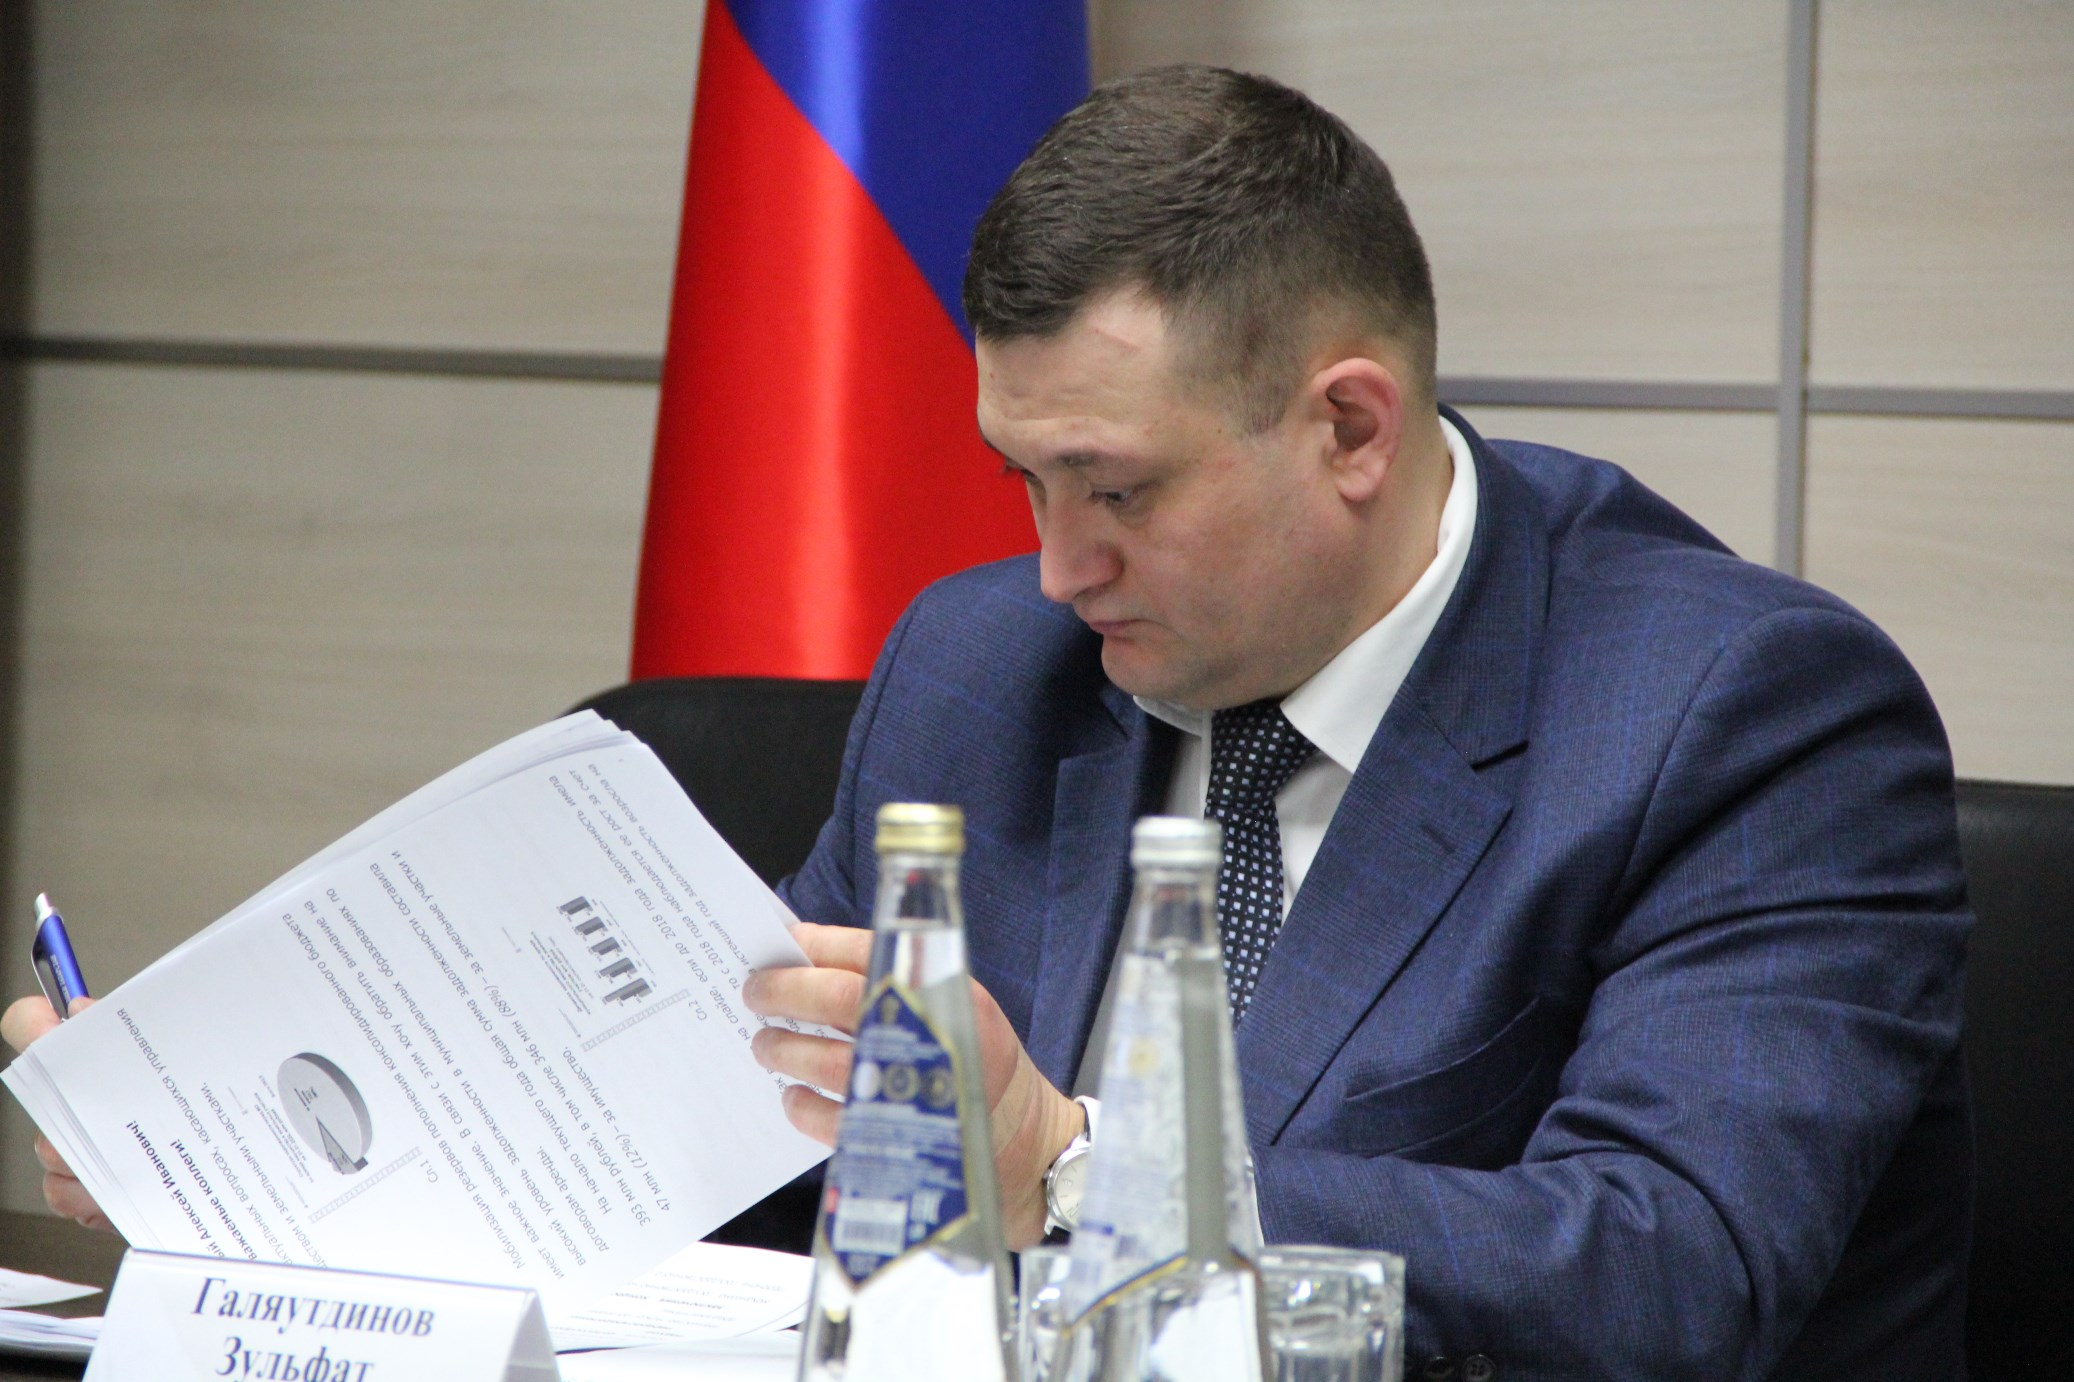 Круглый стол с муниципальными контрольно-счетными органами Республики Татарстан по актуальным вопросам внешнего финансового контроля (05 марта 2020 года).